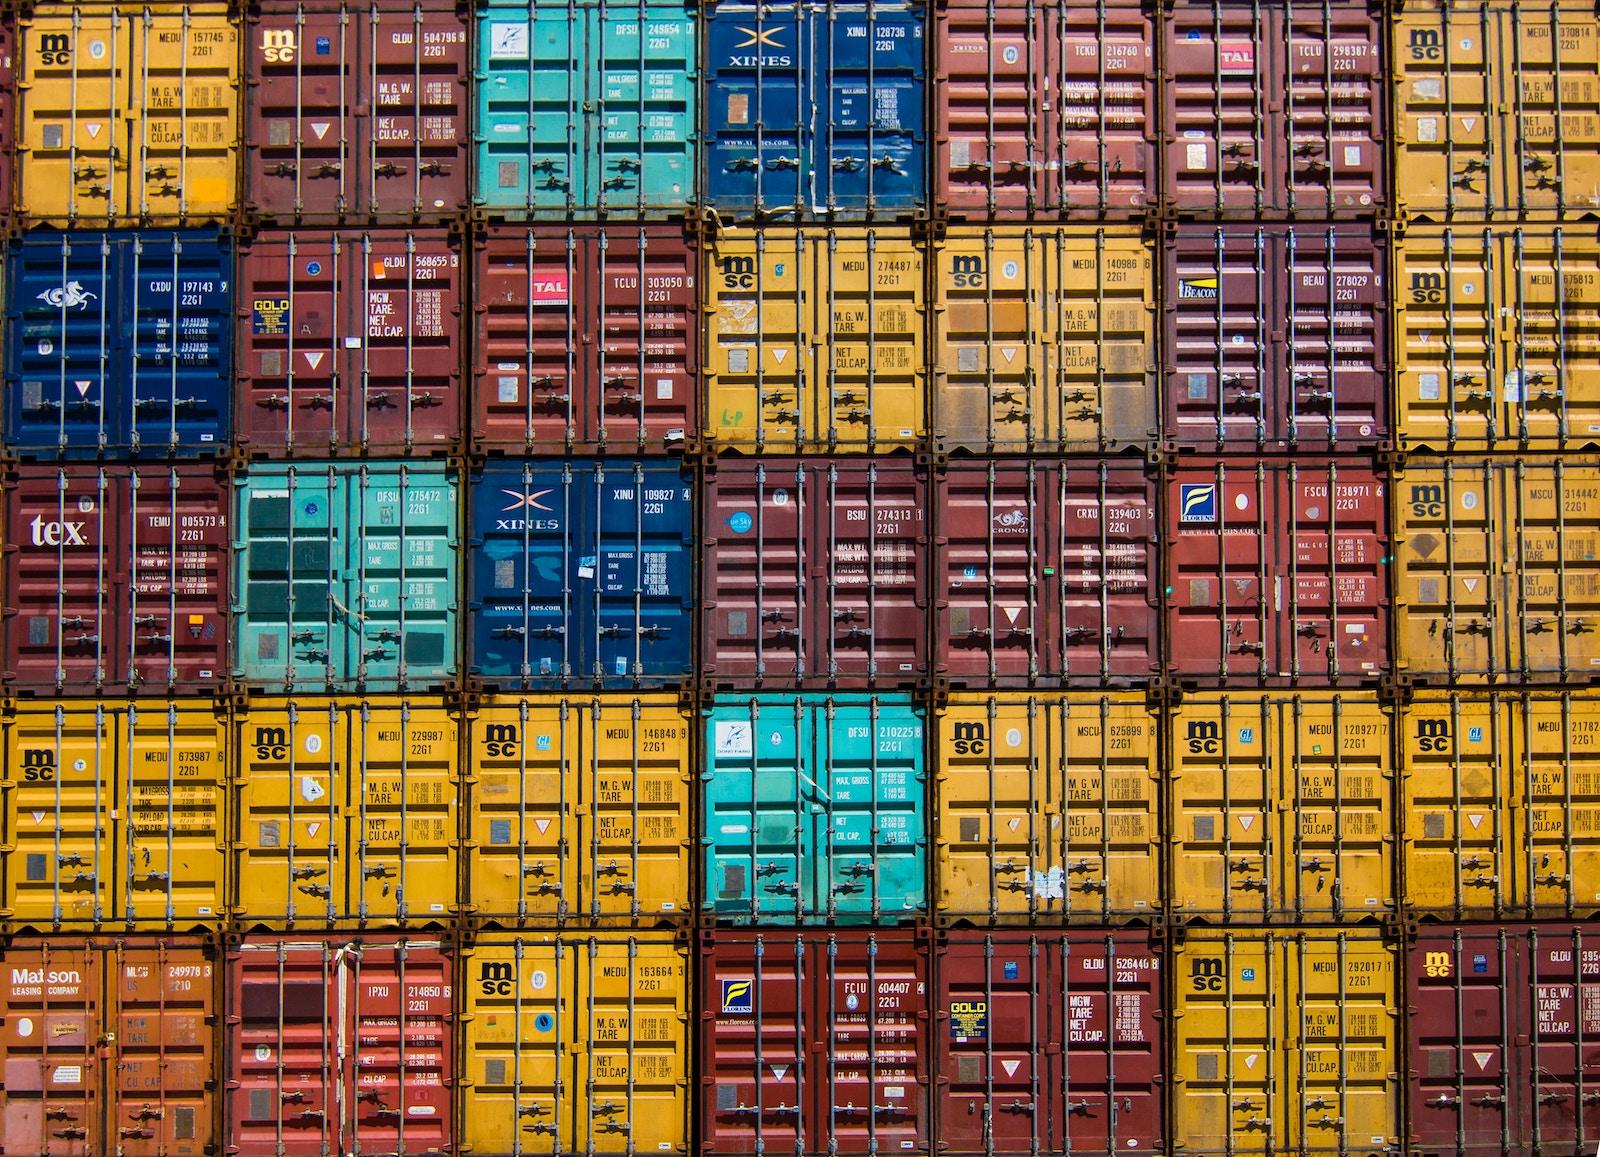 Eksport ukraїnśkyh tovariv zris na 20,9% i vstanovyv novyj rekord